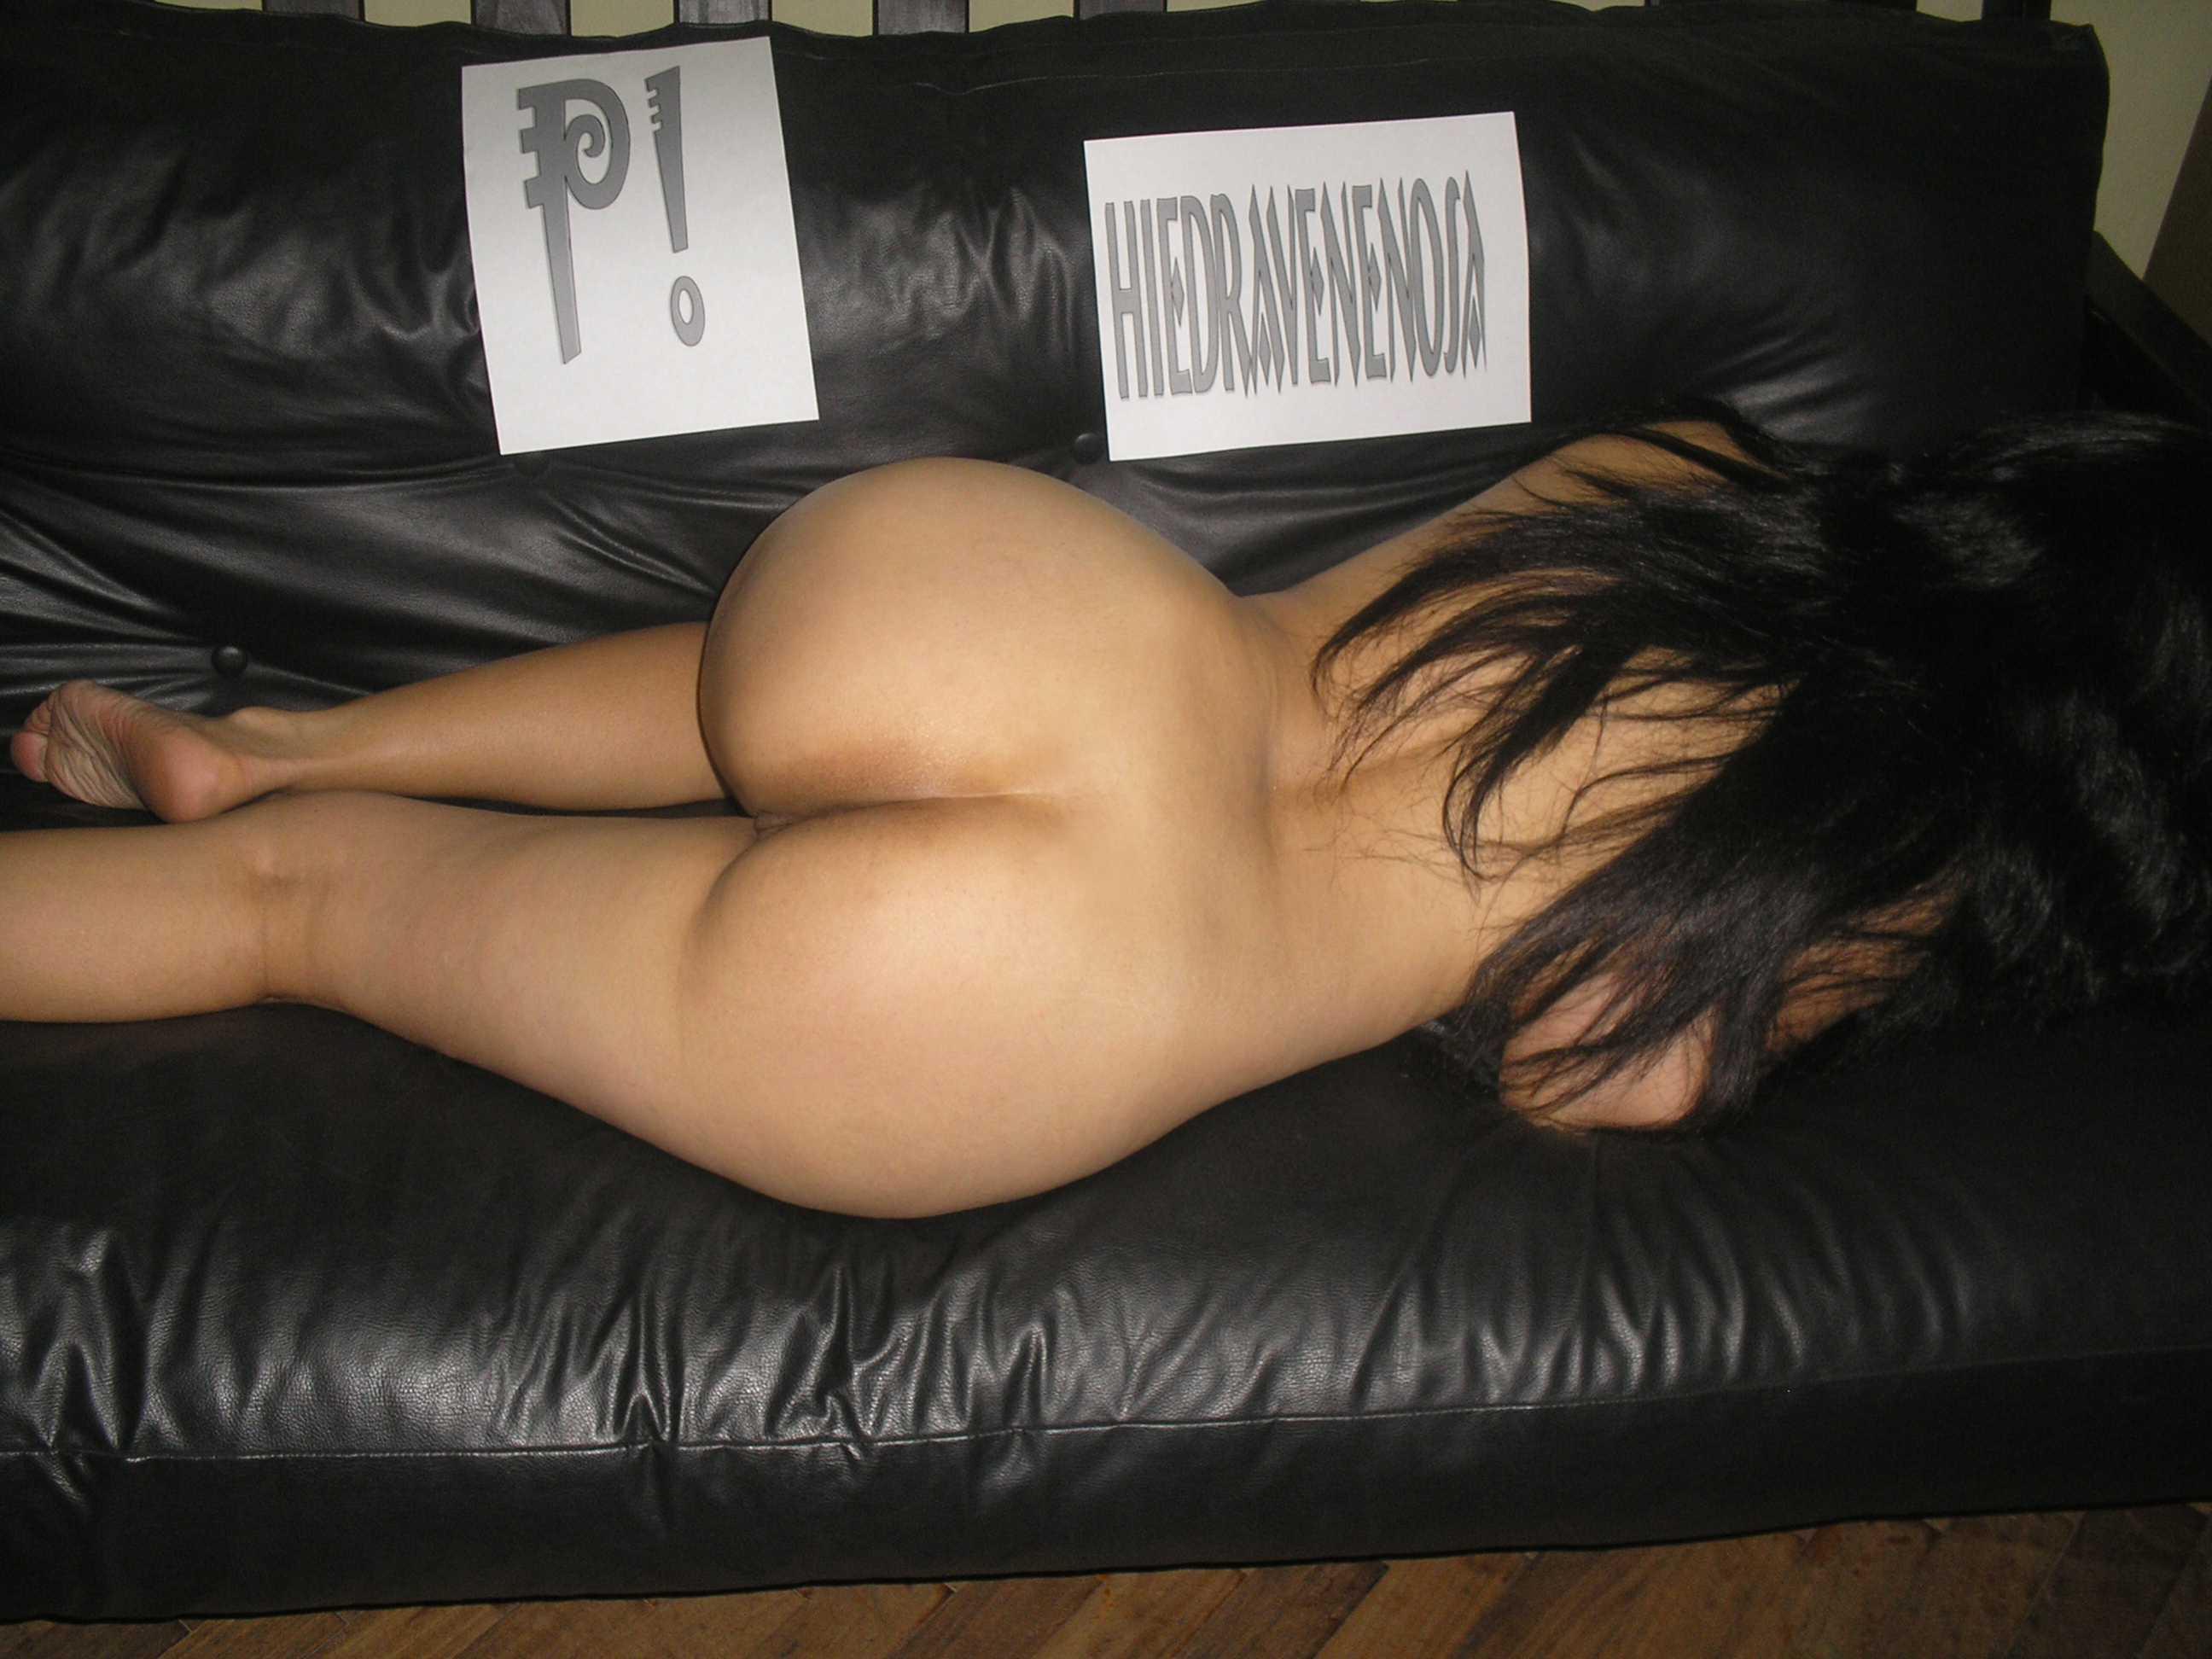 Desnudo castigado duded en cuero